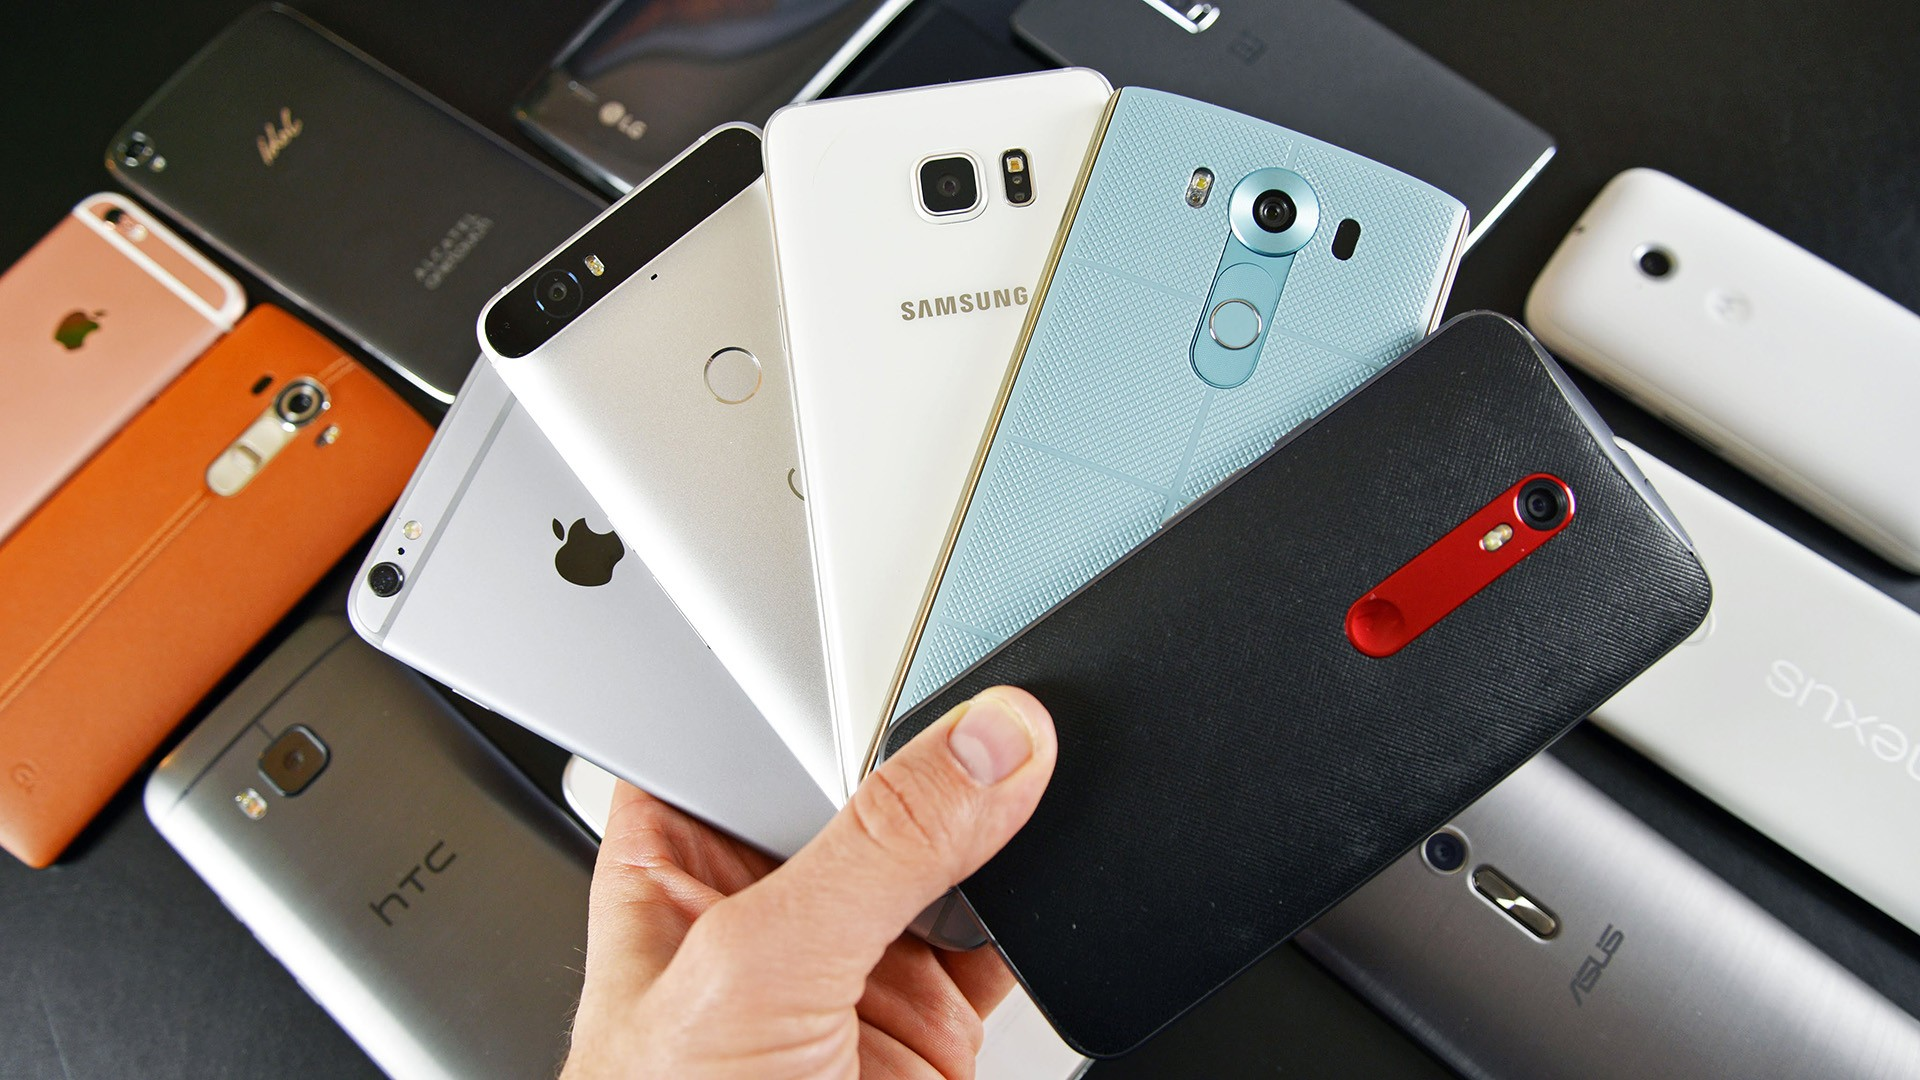 декларация рекламируемом топ смартфонов до 4 5 дюймов 2017 отмене